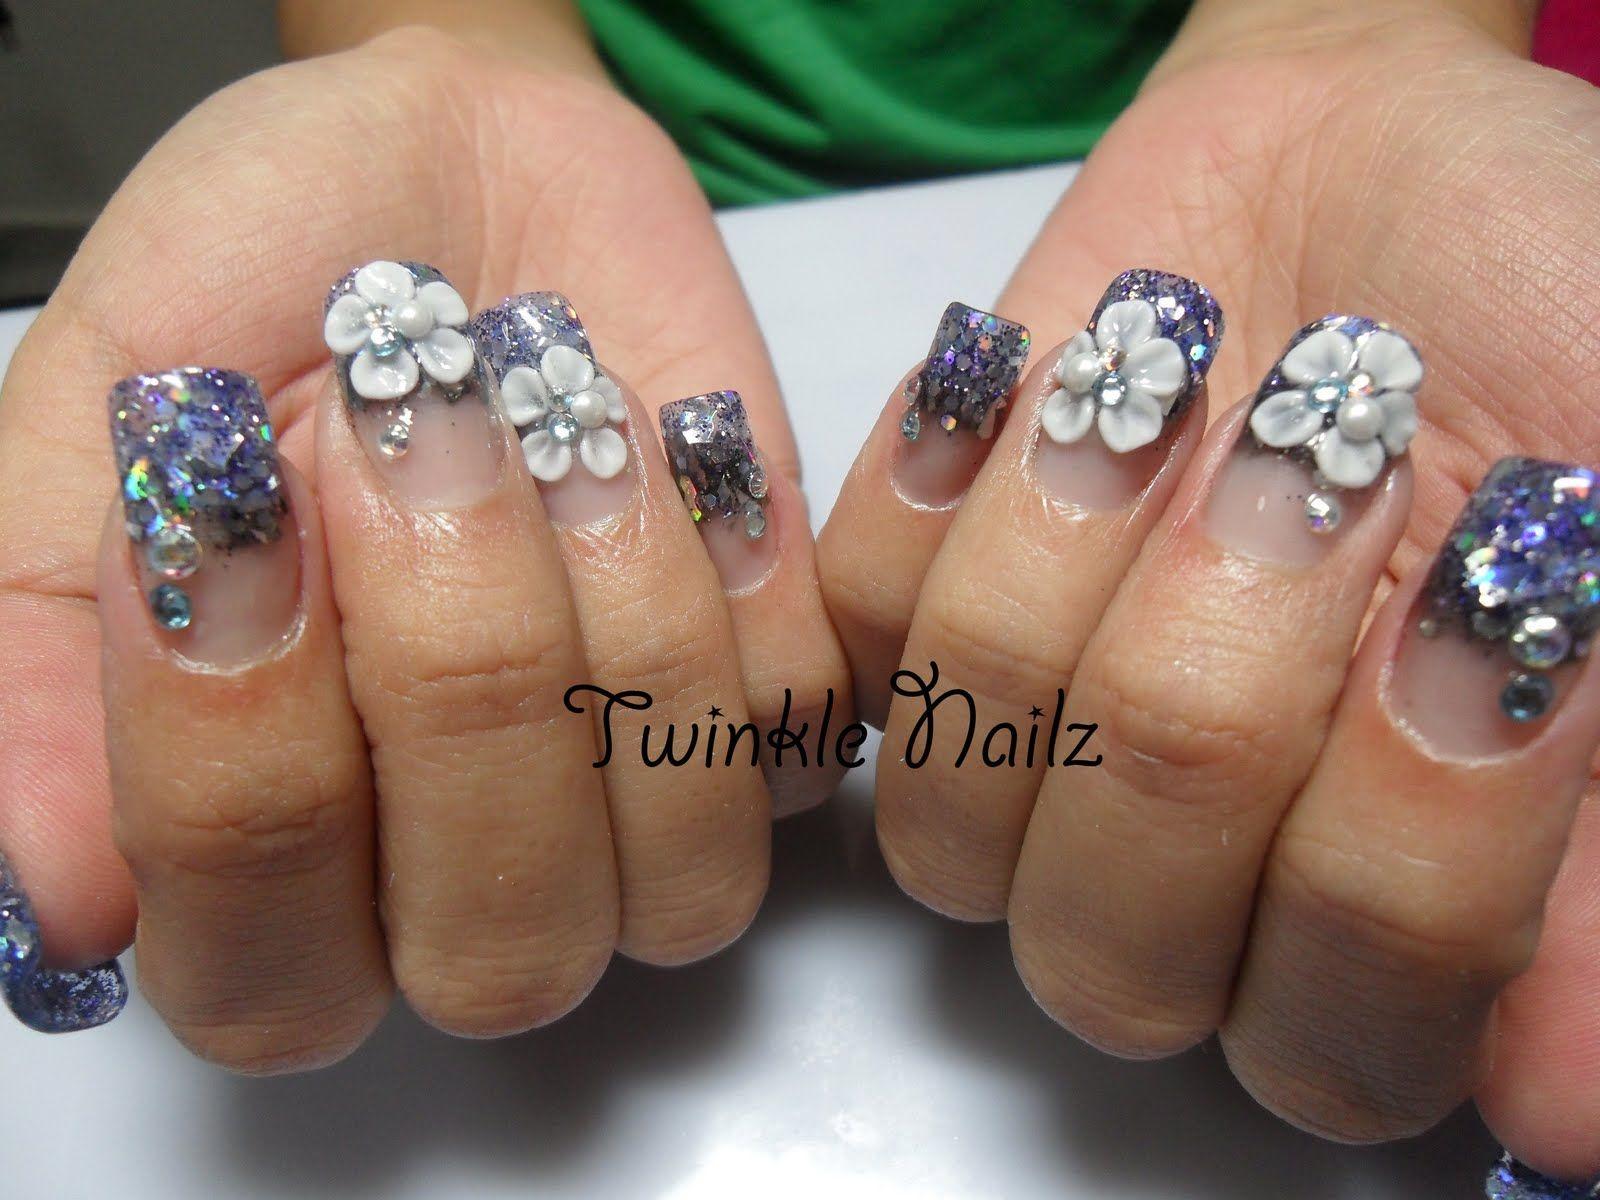 Acrylic nail art 3d acrylic nails inlay nail art by twinkel acrylic nail art 3d acrylic nails inlay nail art by twinkel nailz prinsesfo Image collections